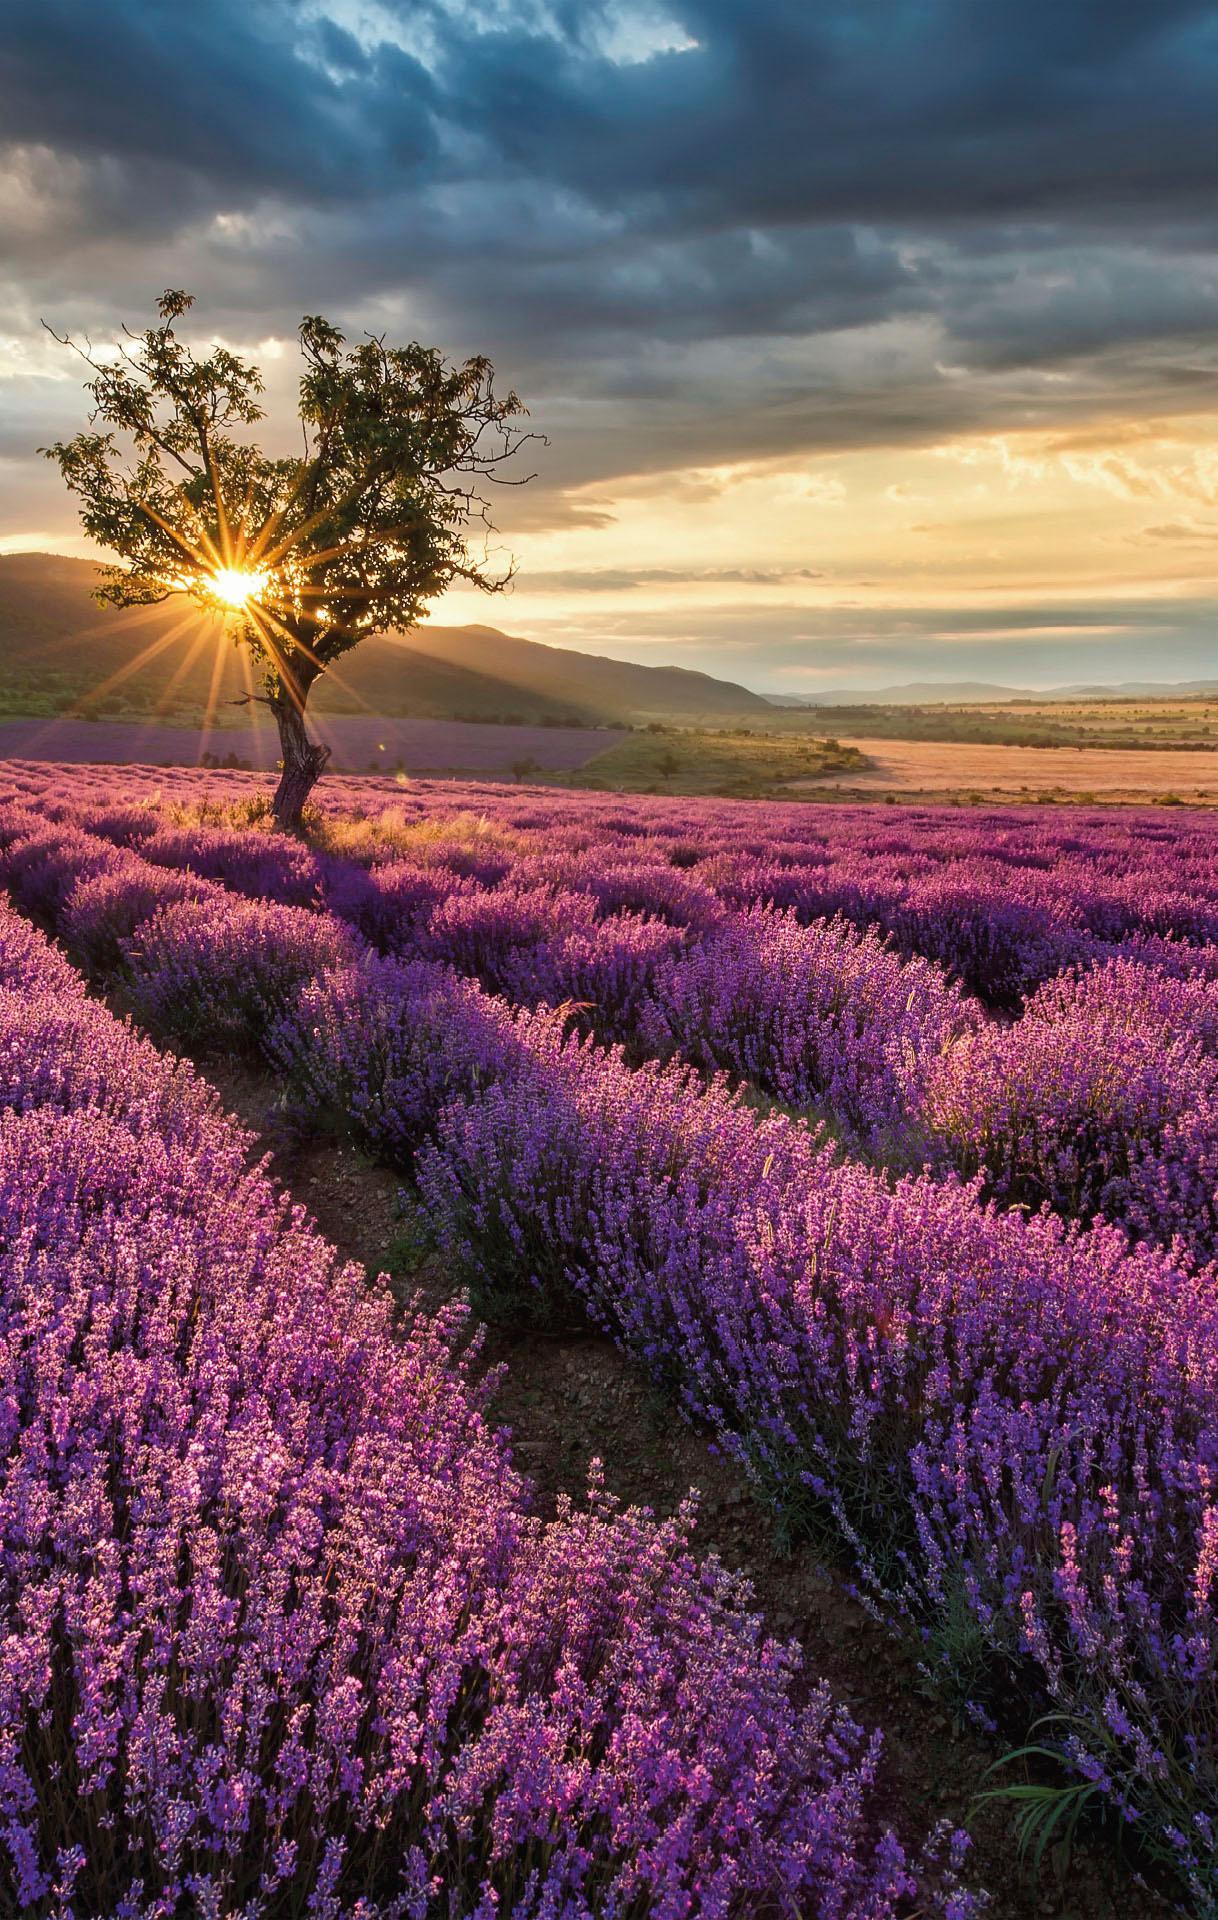 Vliestapete Lavendelblüte in der Provence Wohnen/Wohntextilien/Tapeten/Fototapeten/Fototapeten Blumen